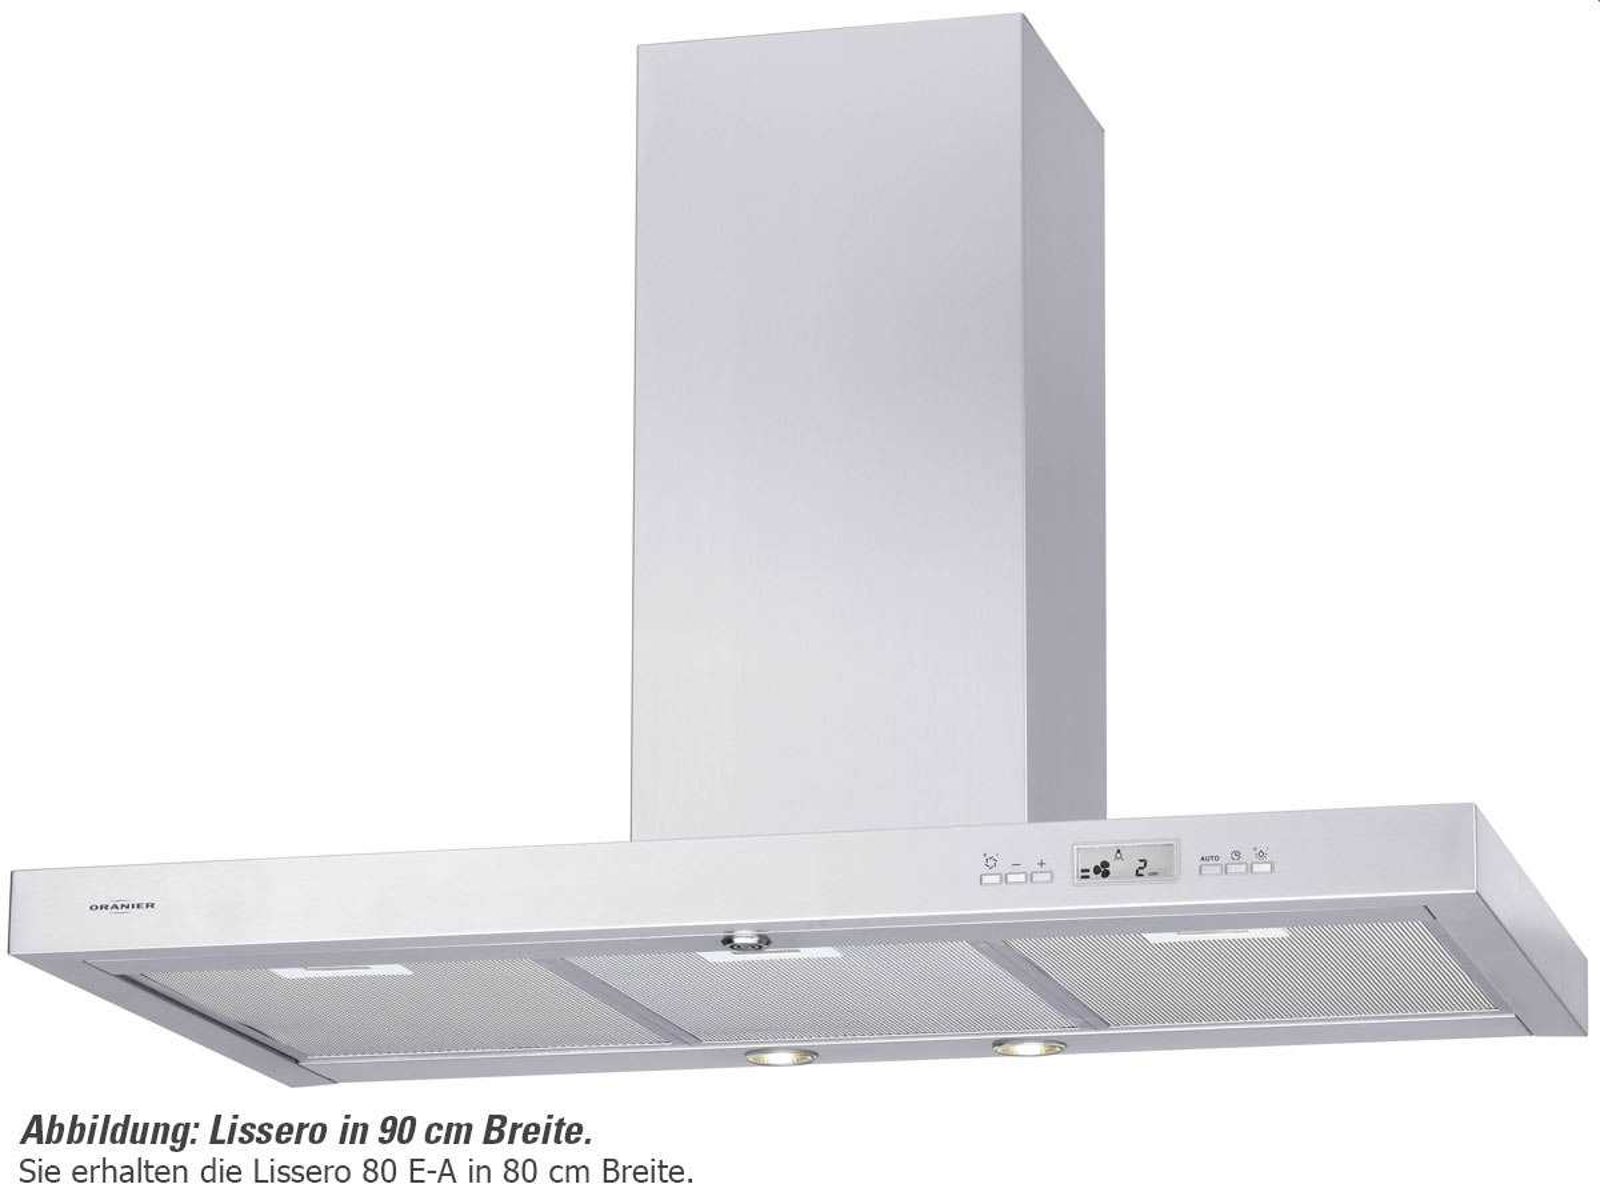 Produktabbildung Lissero80E-A